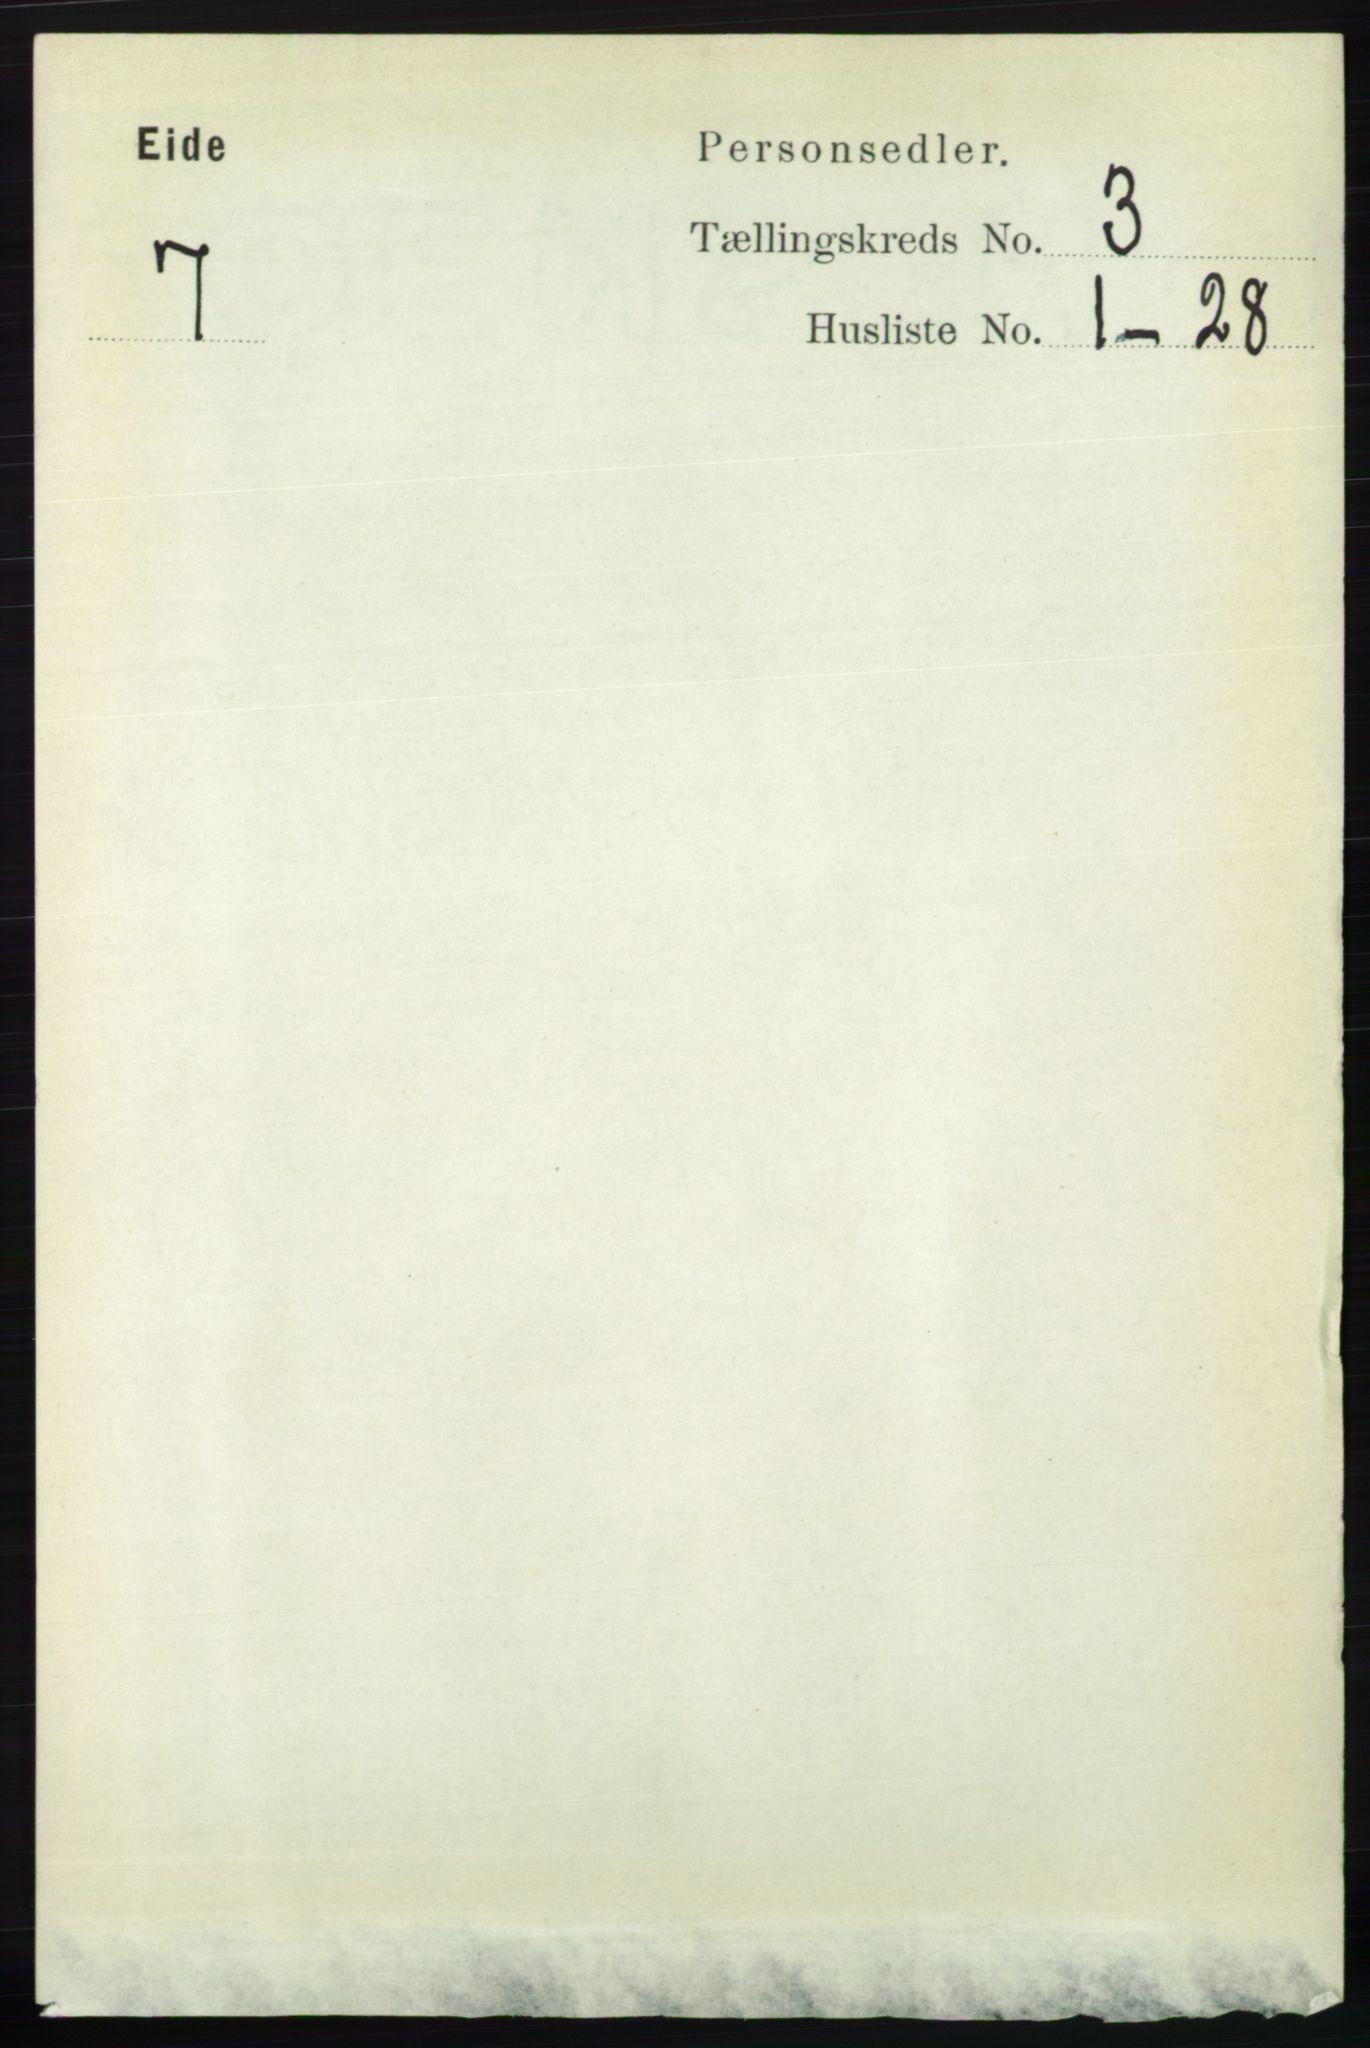 RA, Folketelling 1891 for 0925 Eide herred, 1891, s. 719